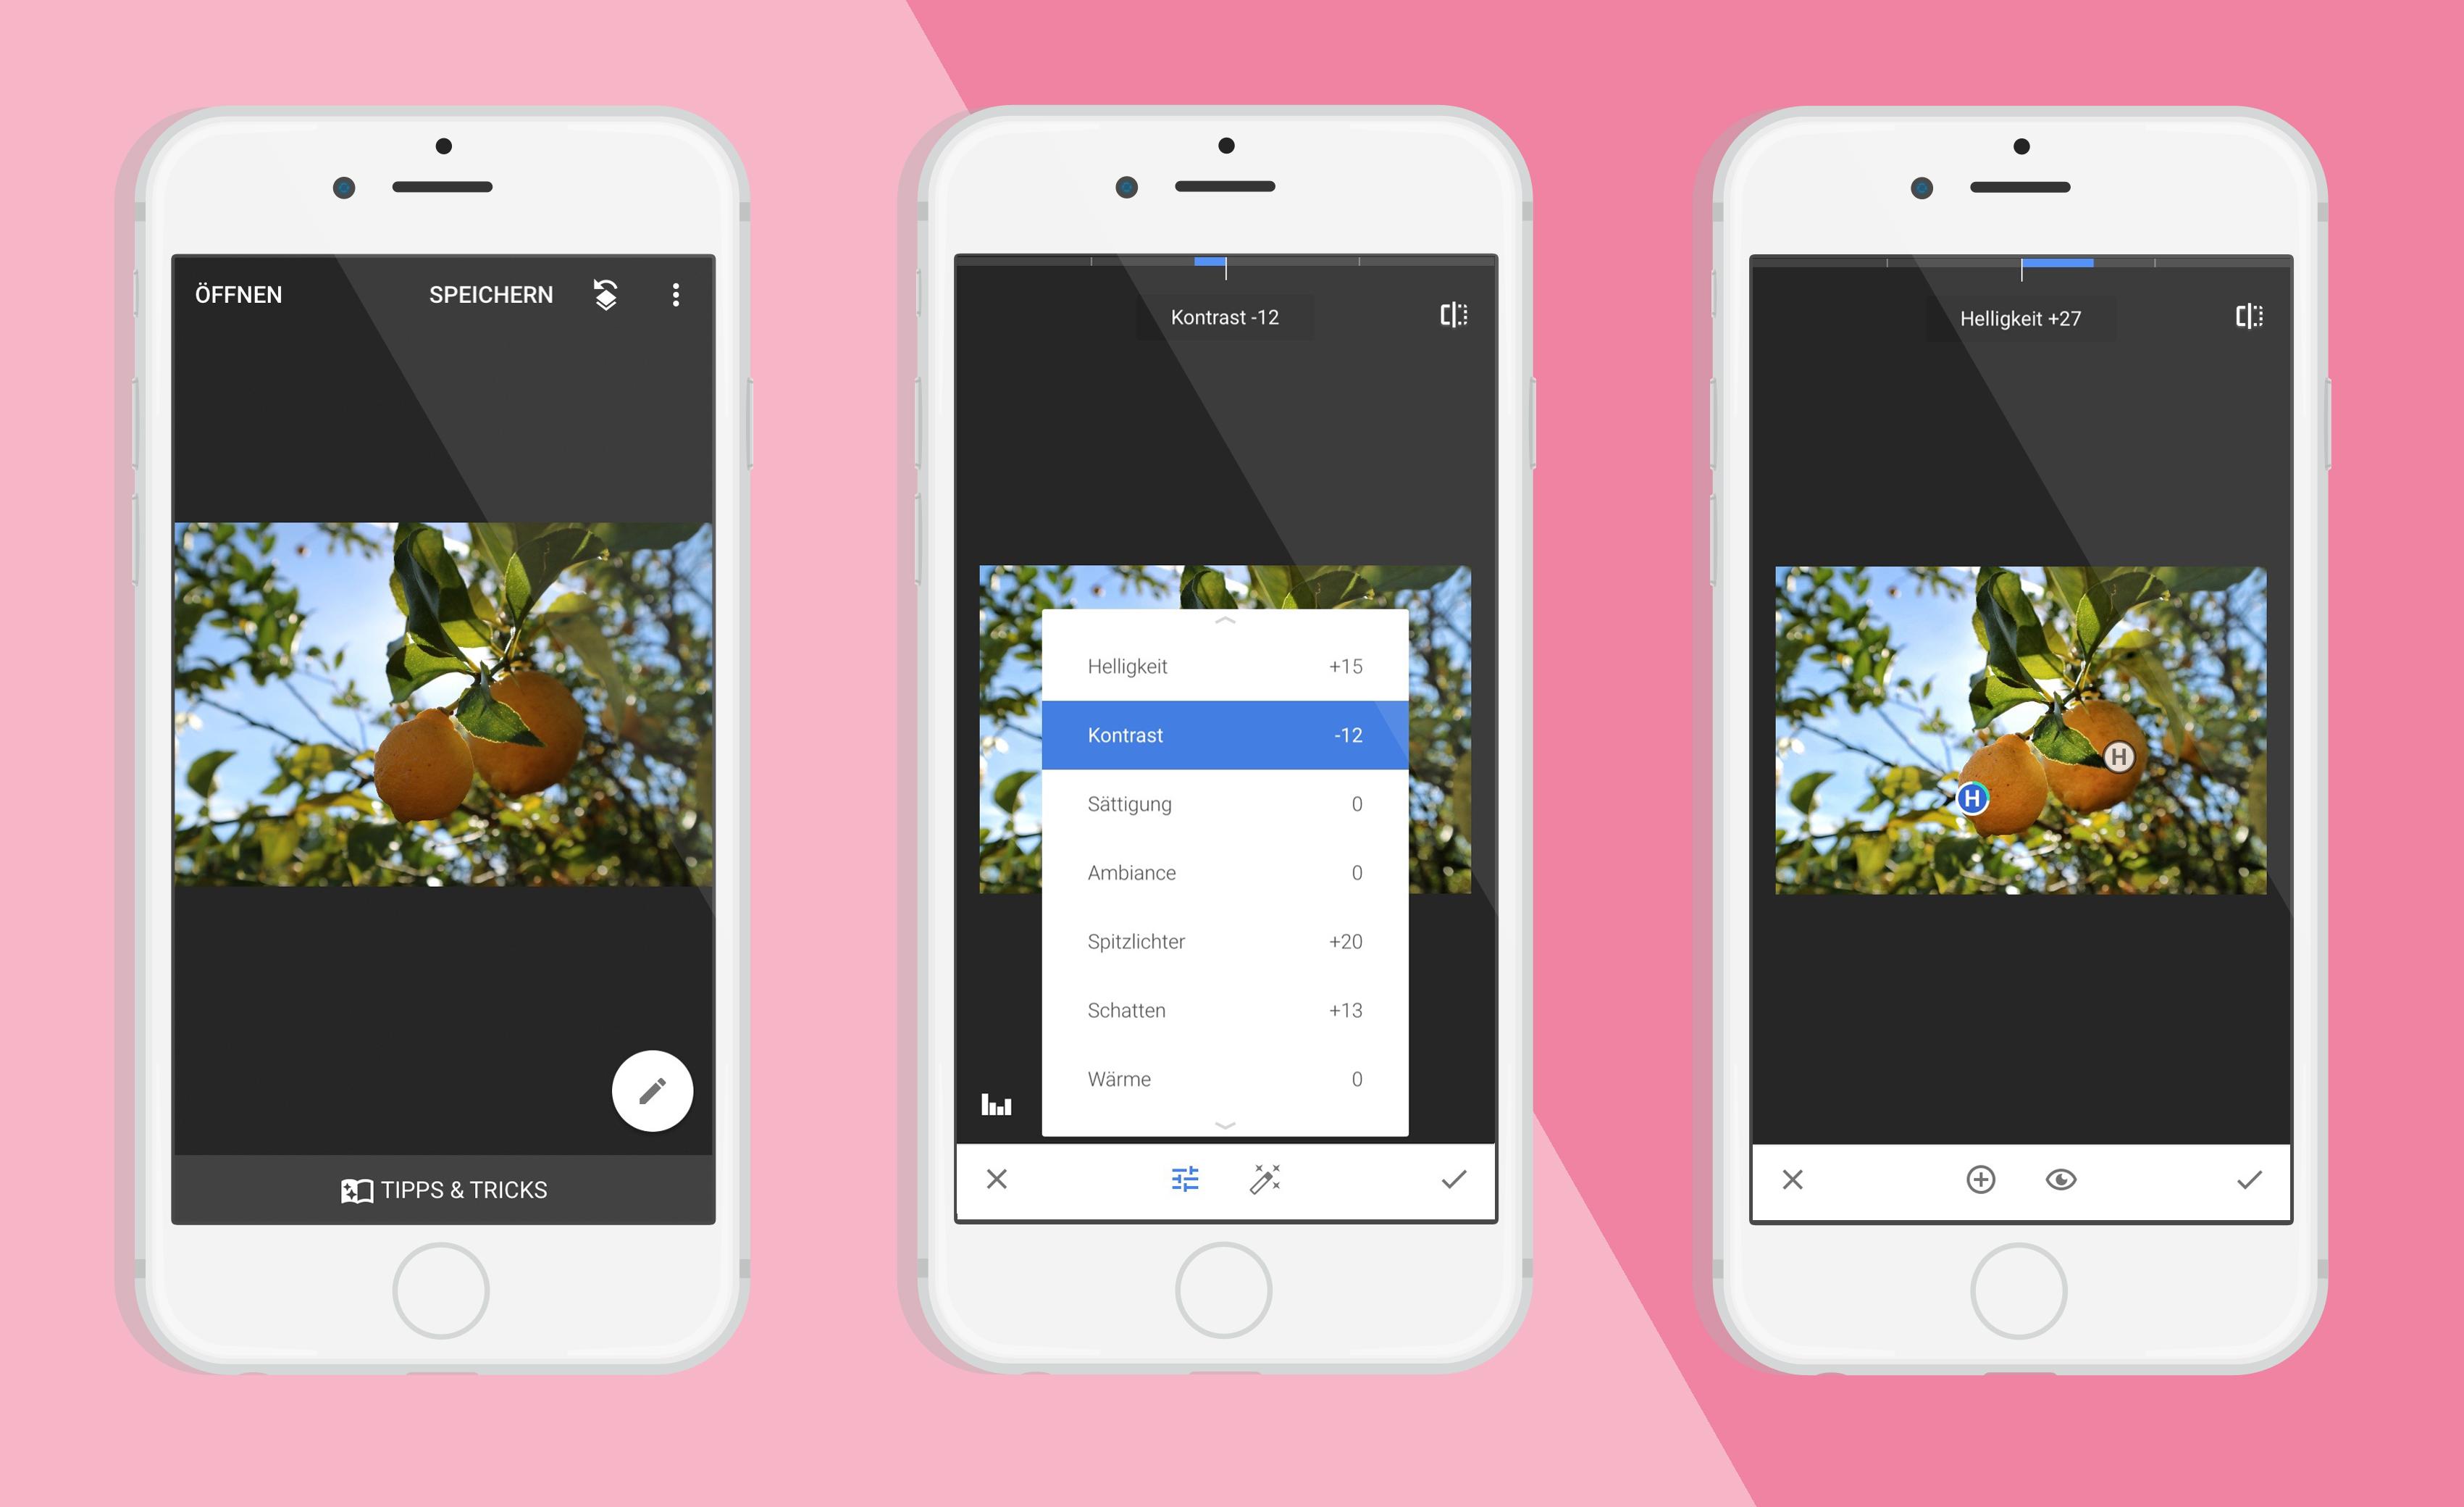 app-bildbear-partiell-aufhellen-snapseed